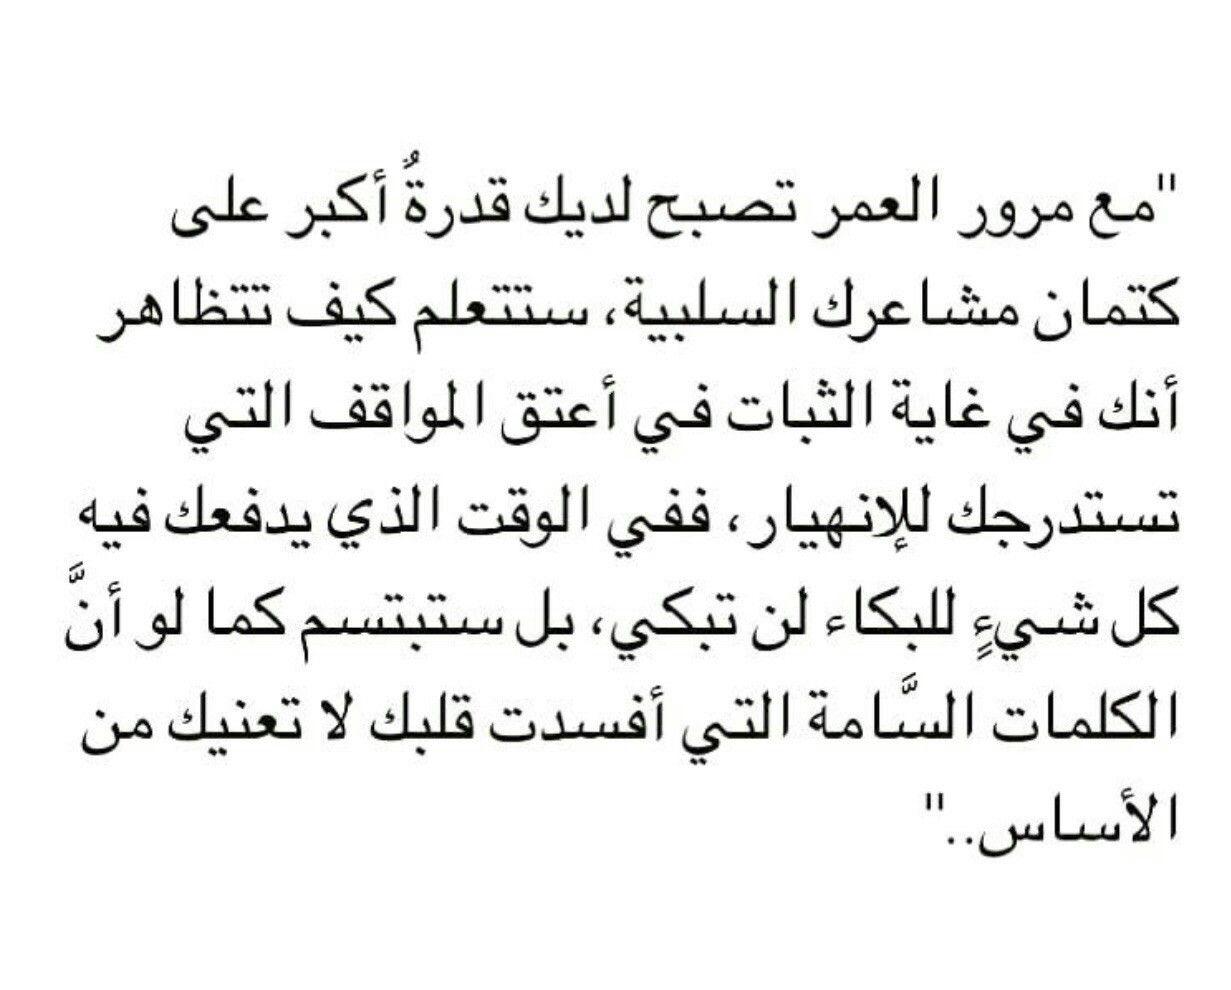 كبرنا ويمضي العمر بنا اللهم ارزقنا الثبات وحسن الختام Words Quotes Cool Words Talking Quotes